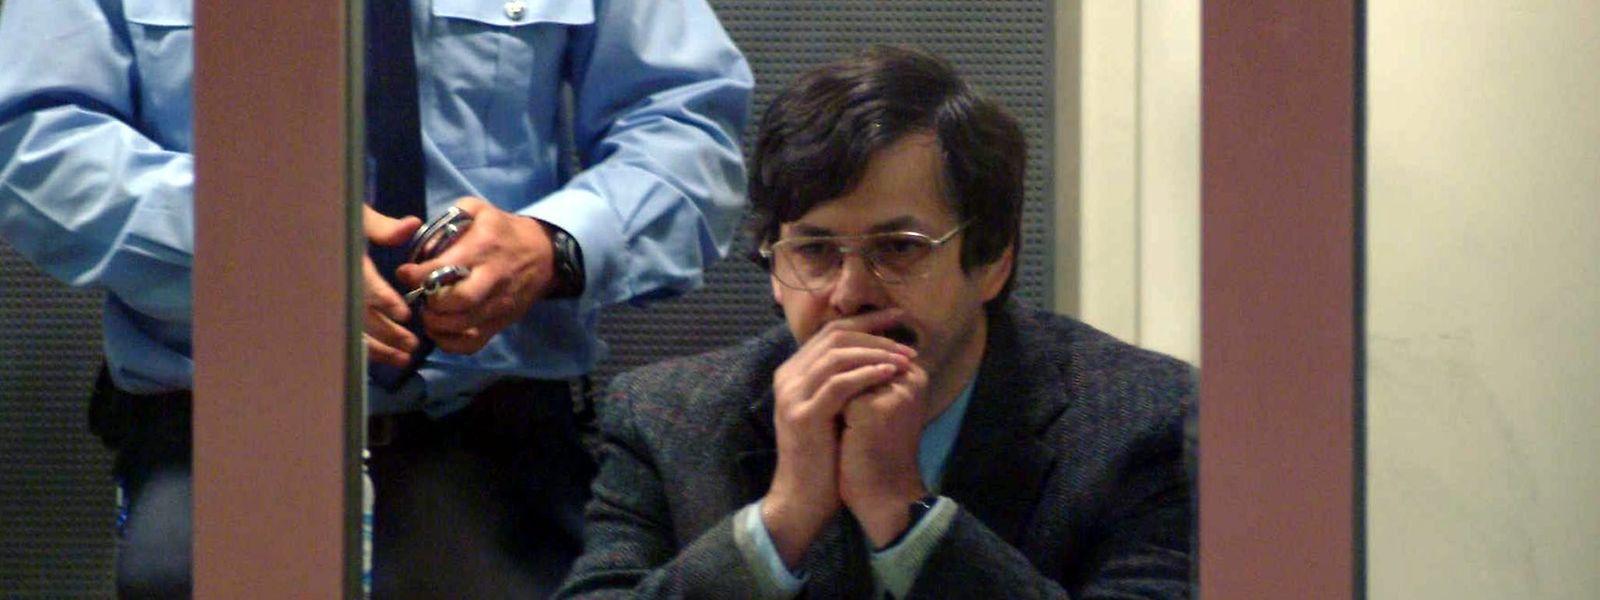 Marc Dutroux, hier ein Archivbild von 2004, betreibt weiter seine Haftentlassung.